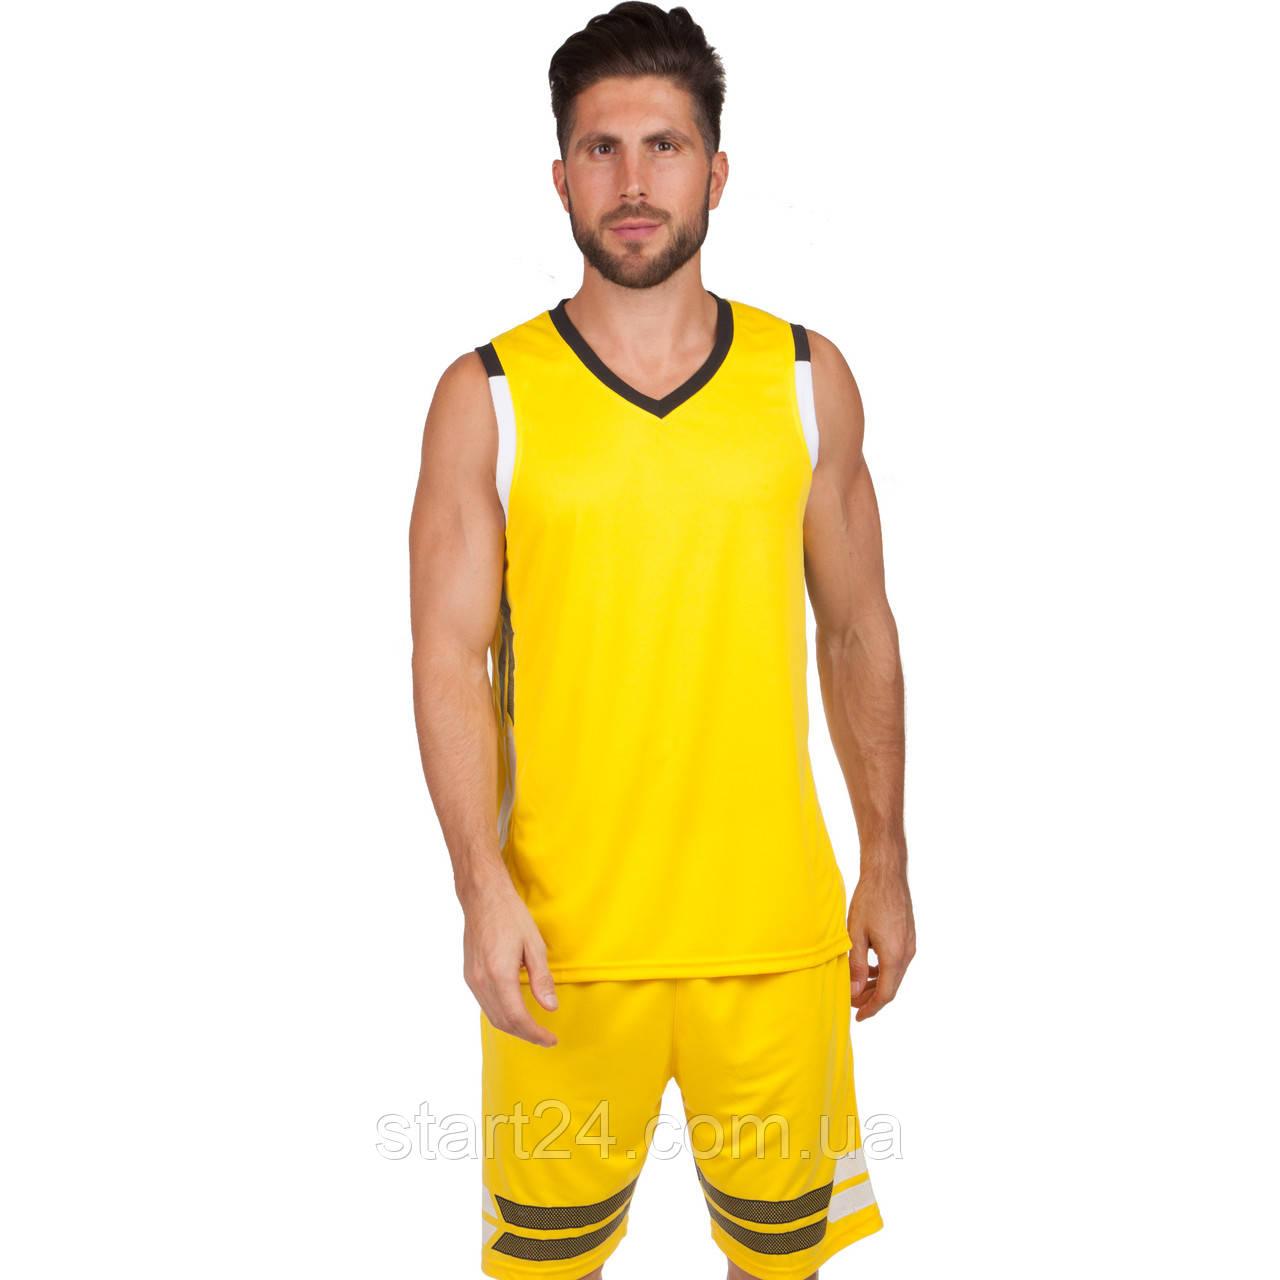 Форма баскетбольна чоловіча LD-8019-2 (PL, р-р L-5XL 160-190, жовтий)